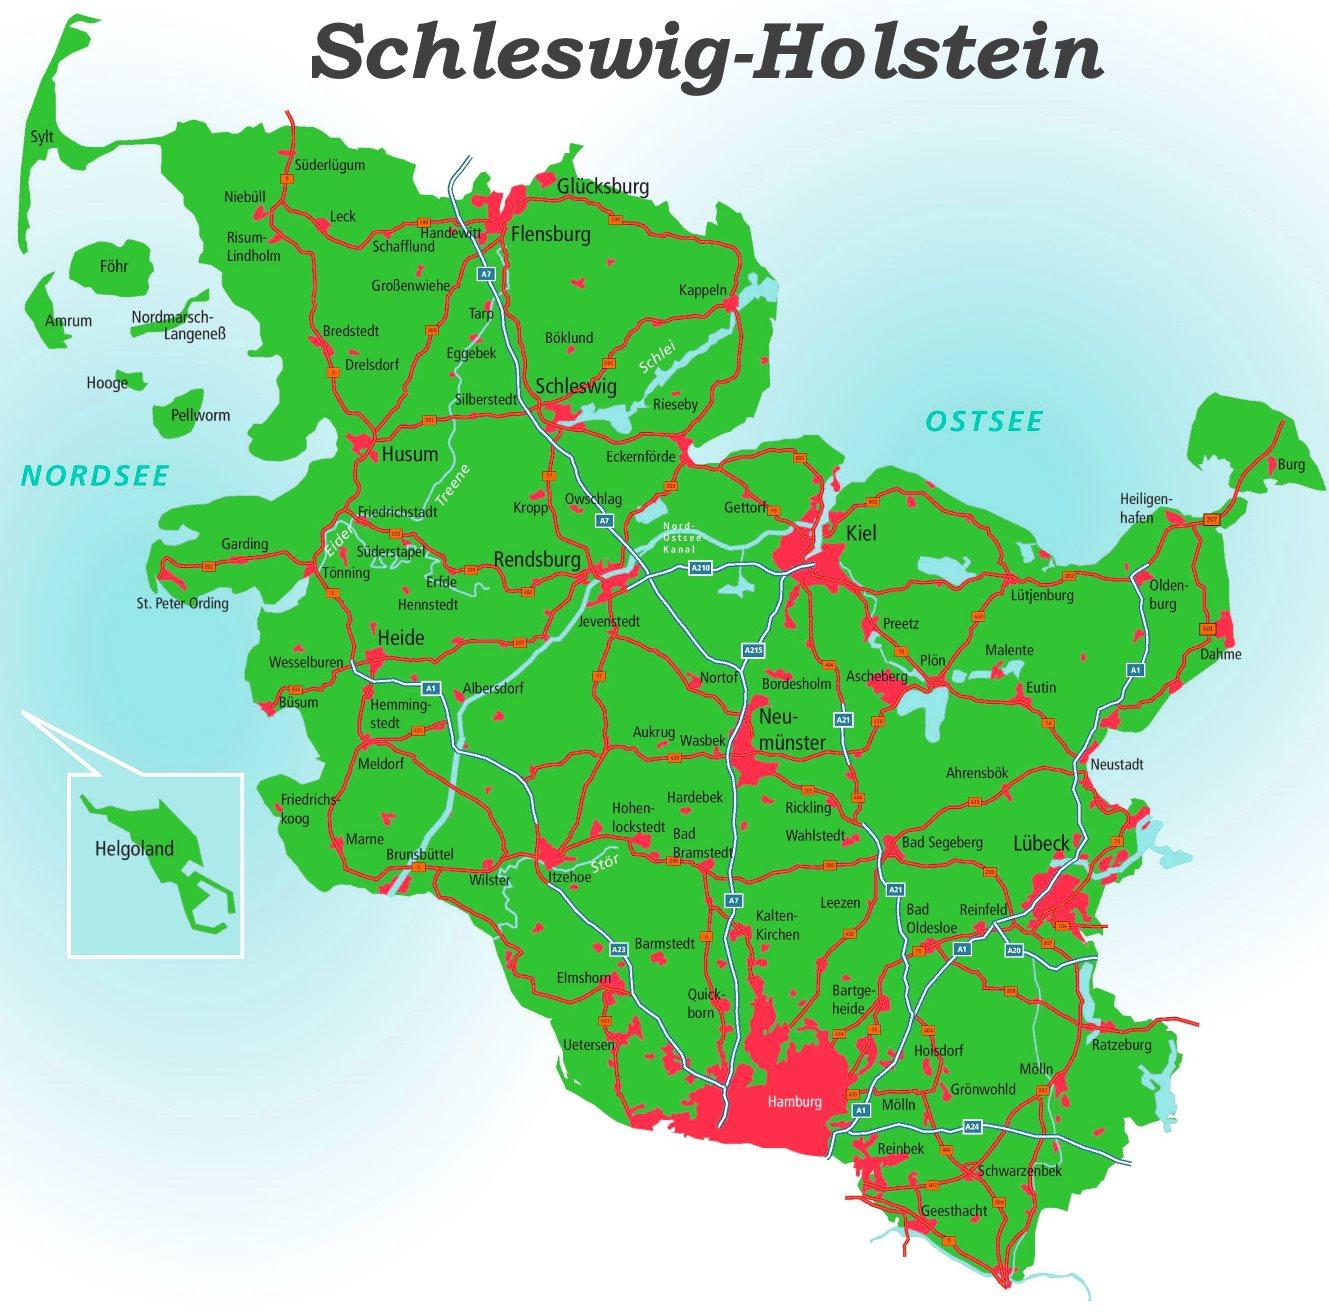 Schleswig Holstein Karte.Detaillierte Karte Von Schleswig Holstein